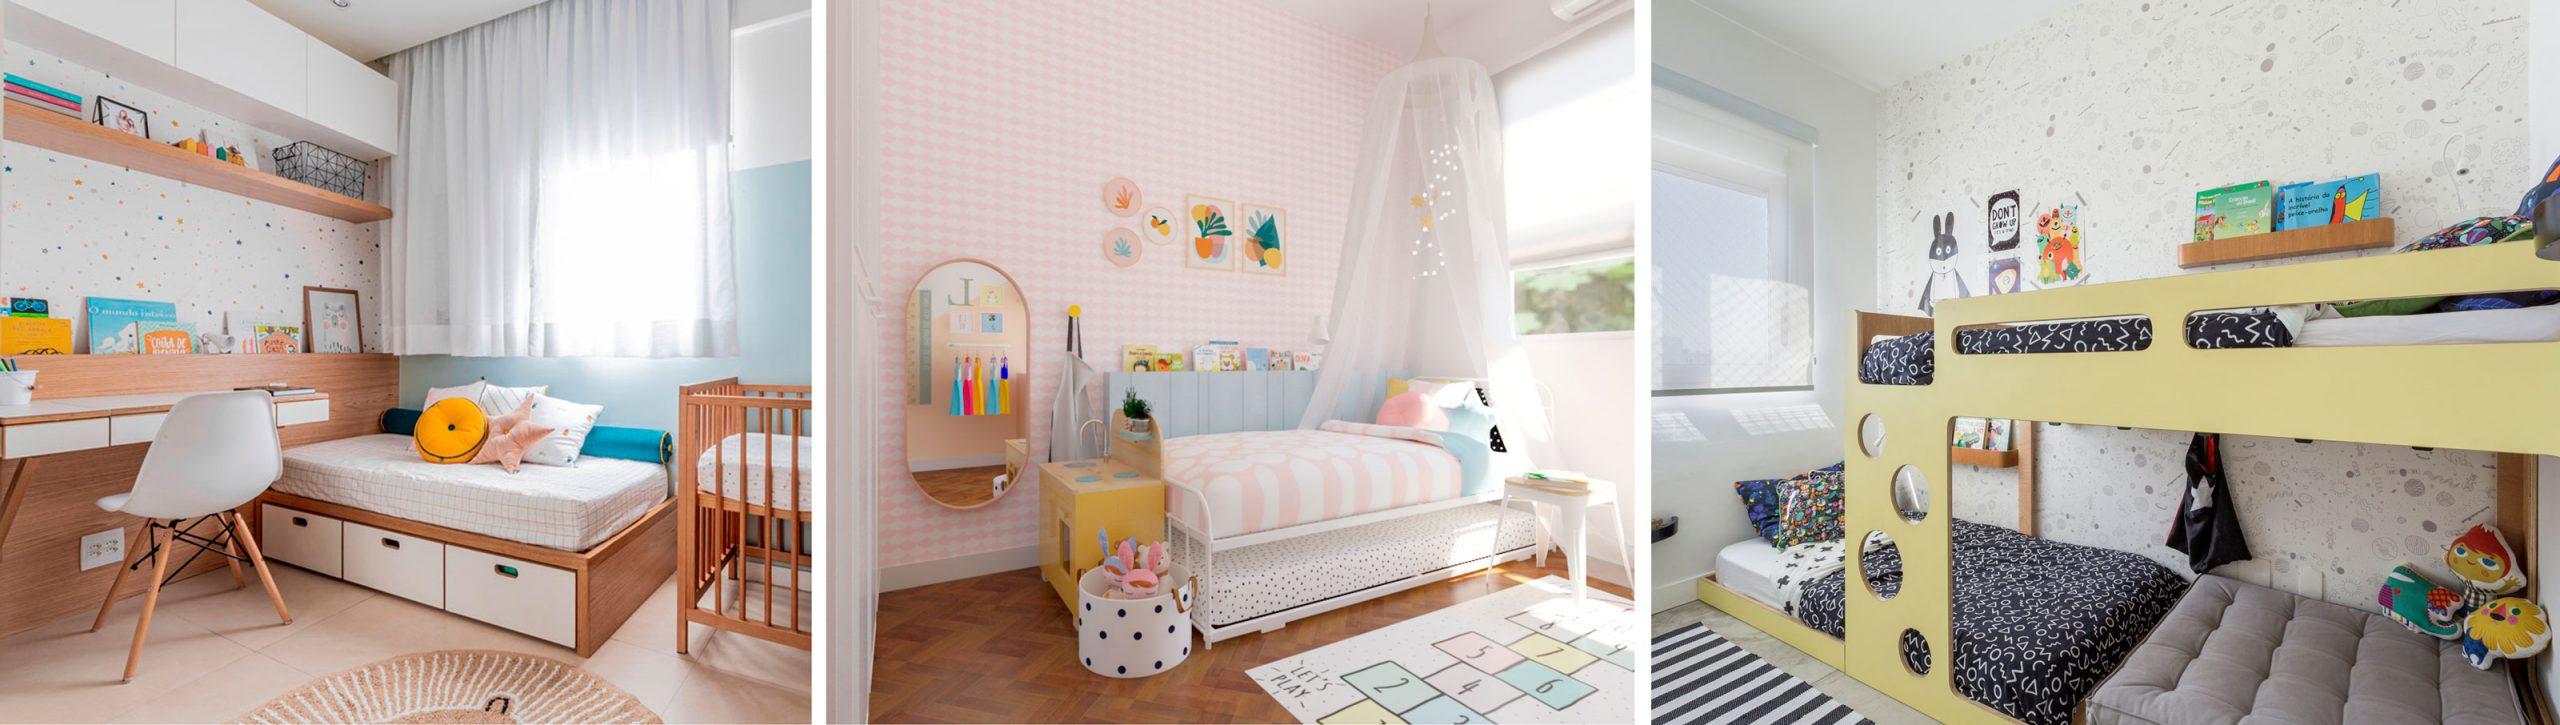 Exemplos de quartos infantis com papel de parede lindos e charmosos atemporais